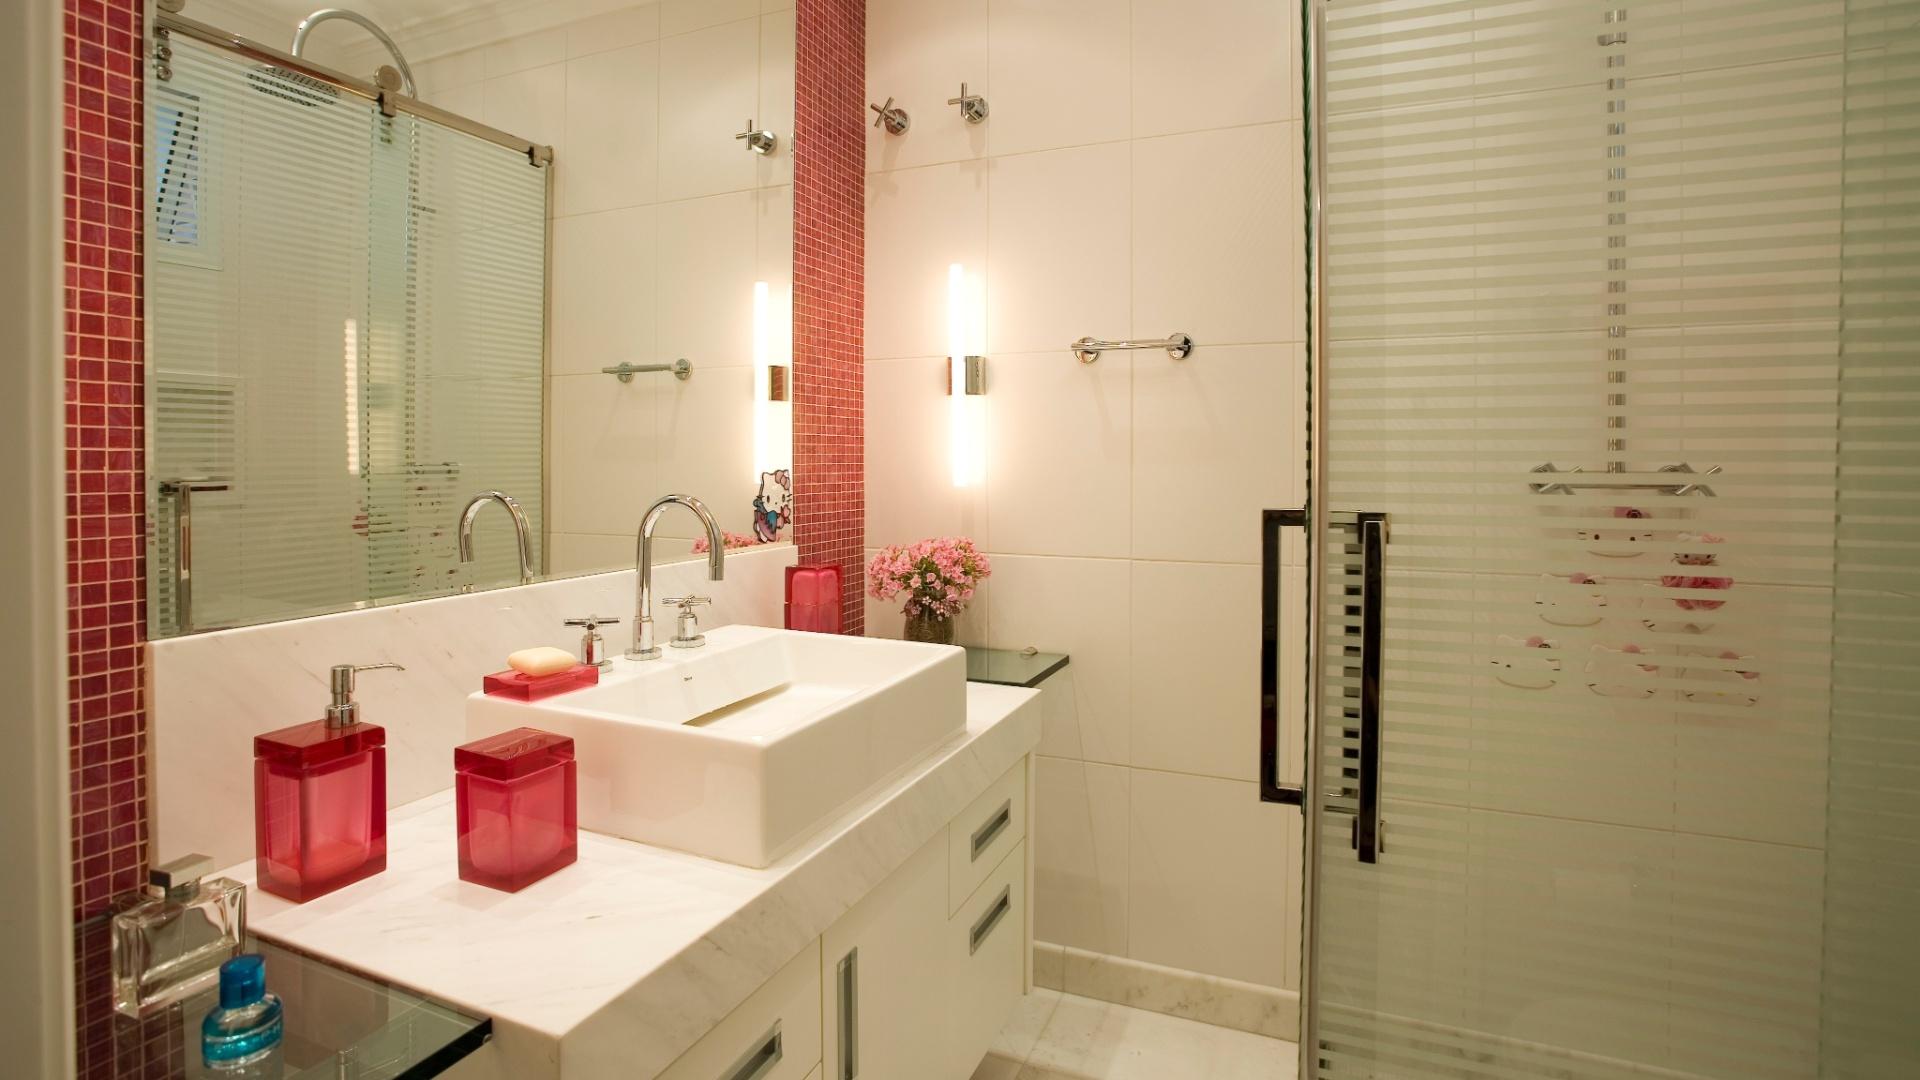 Banheiros pequenos dicas de decoração para quem tem pouco espaço  BOL Fotos -> Banheiro Simples Feminino